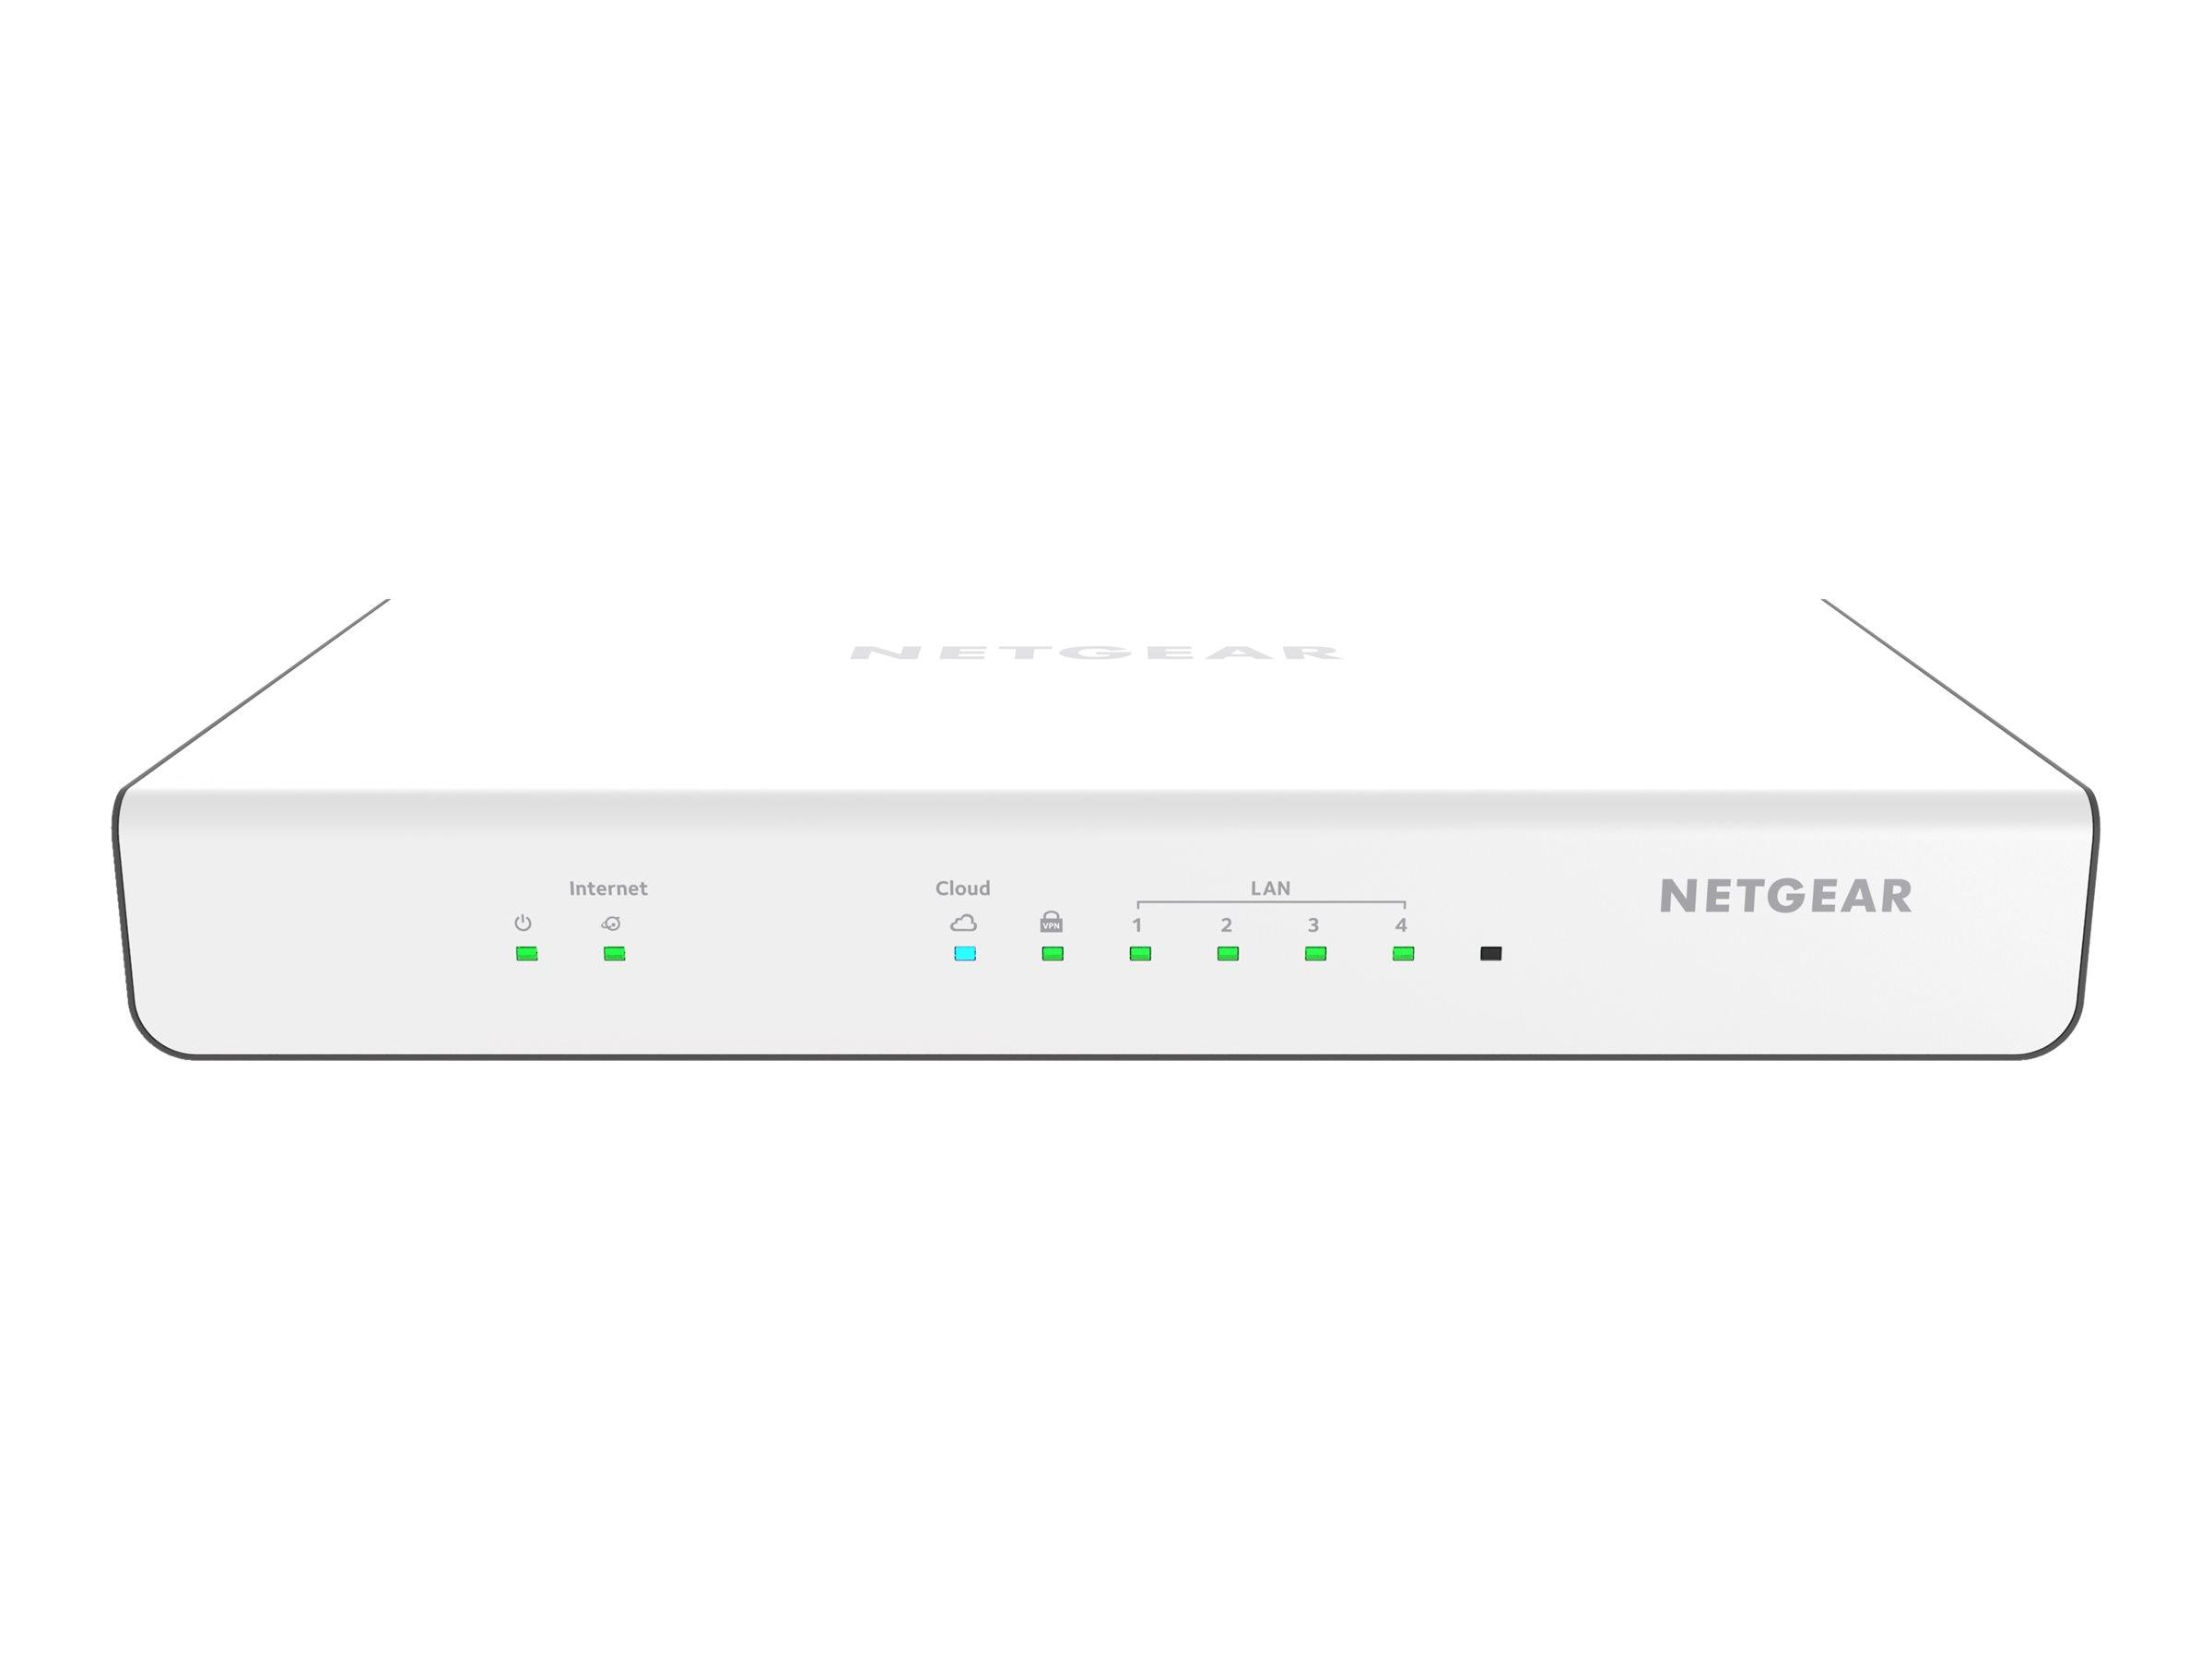 Netgear Insight Instant VPN Router